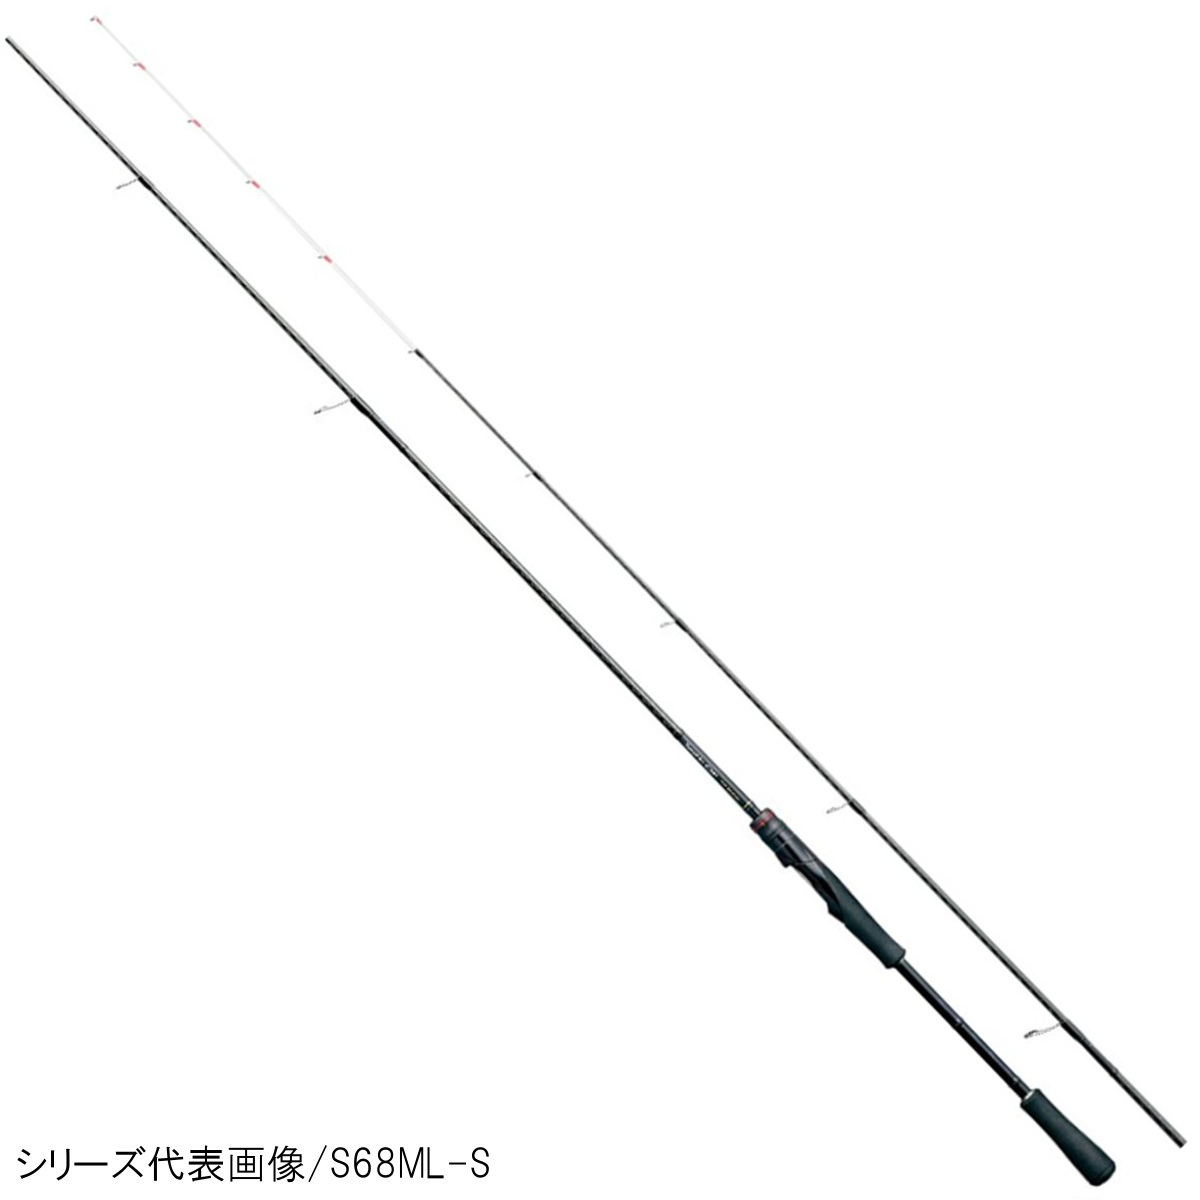 シマノ セフィア CI4+ ティップエギング S511ML-S【大型商品】【送料無料】